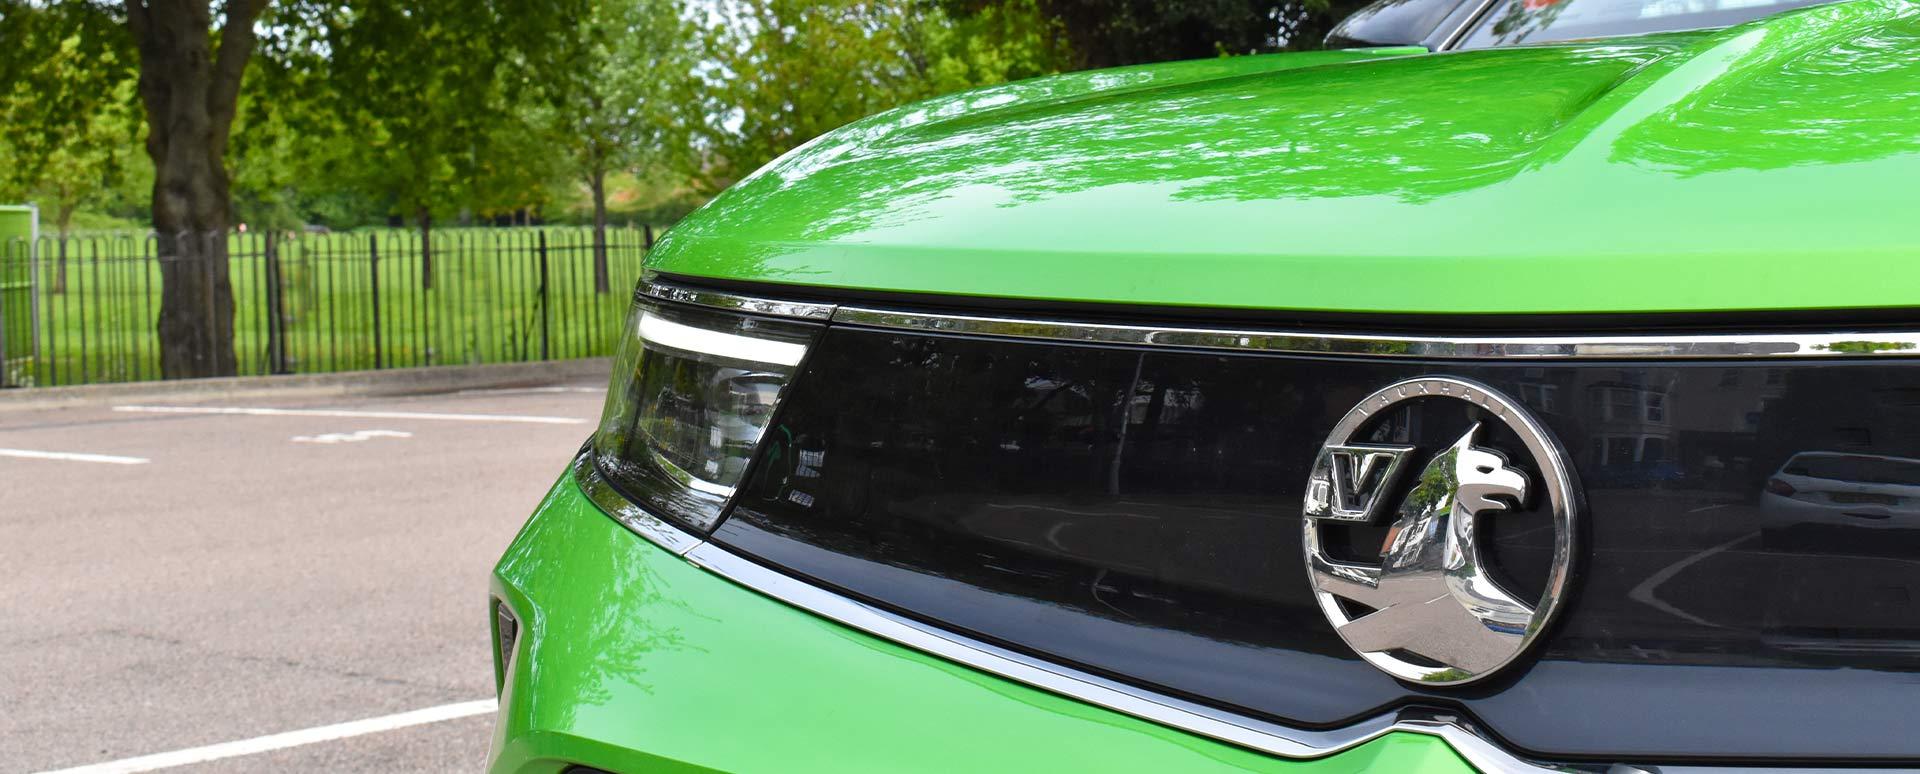 Vauxhall mokka vizor